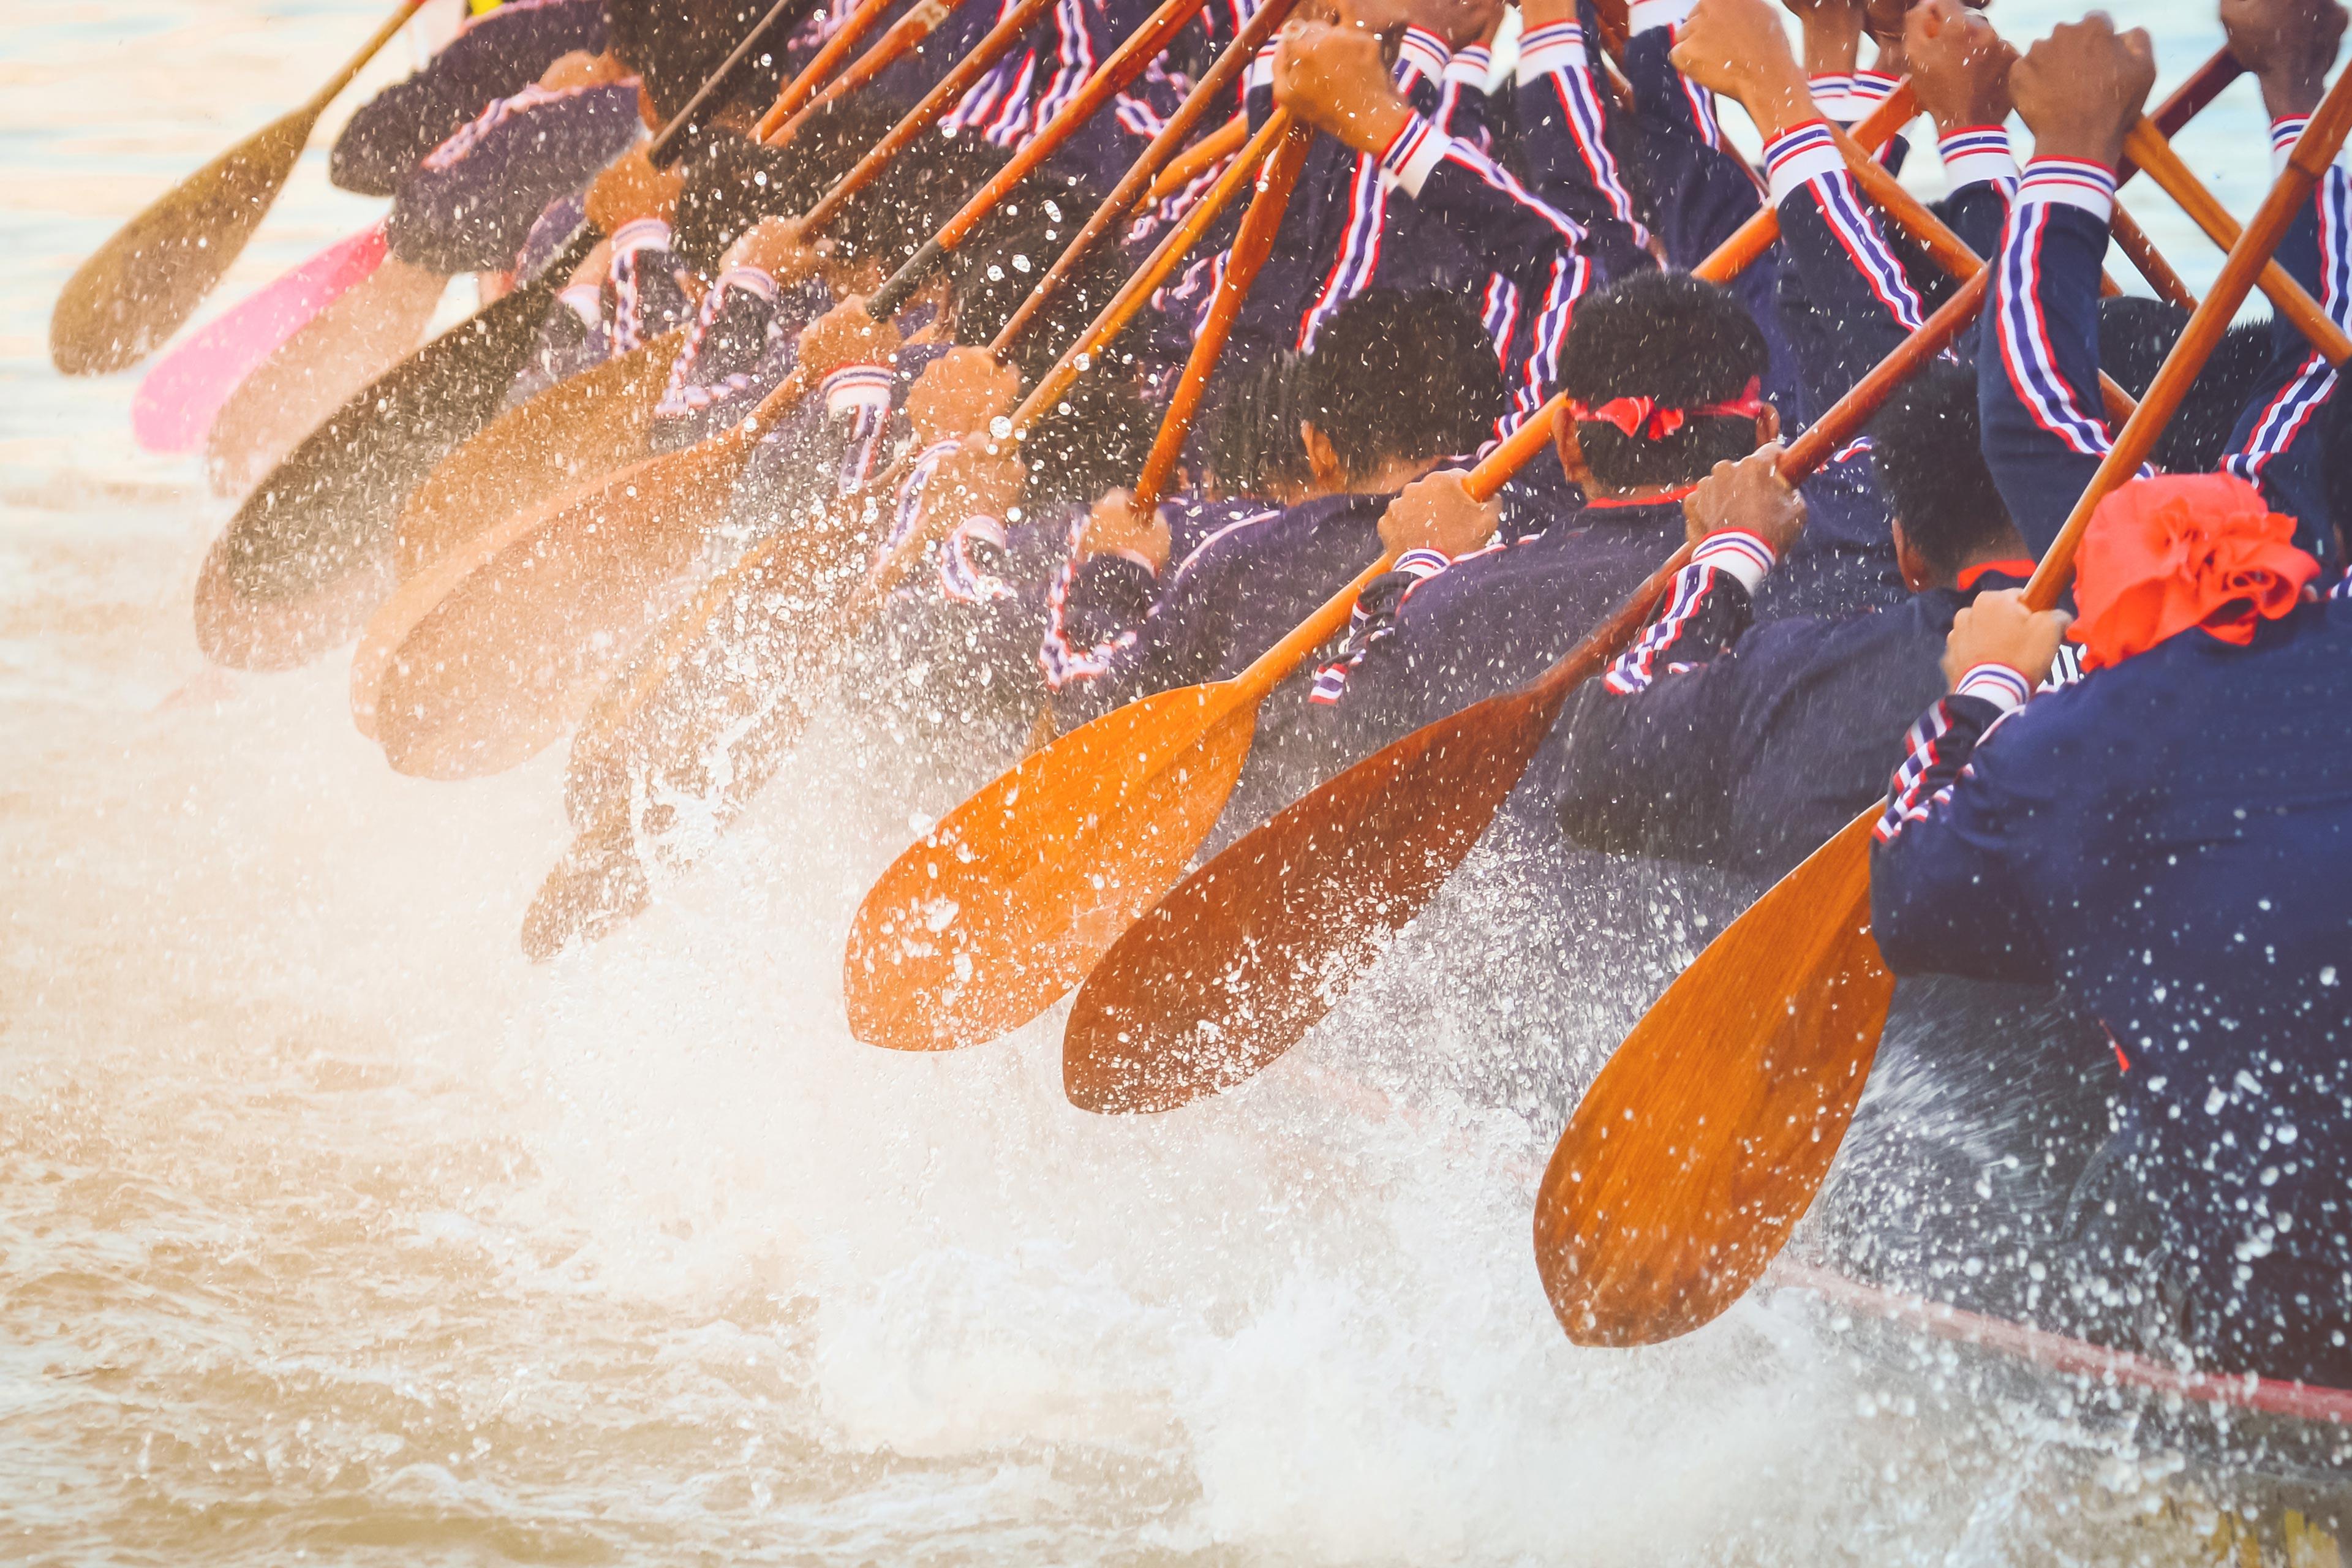 Klanten: De peddels in de kano